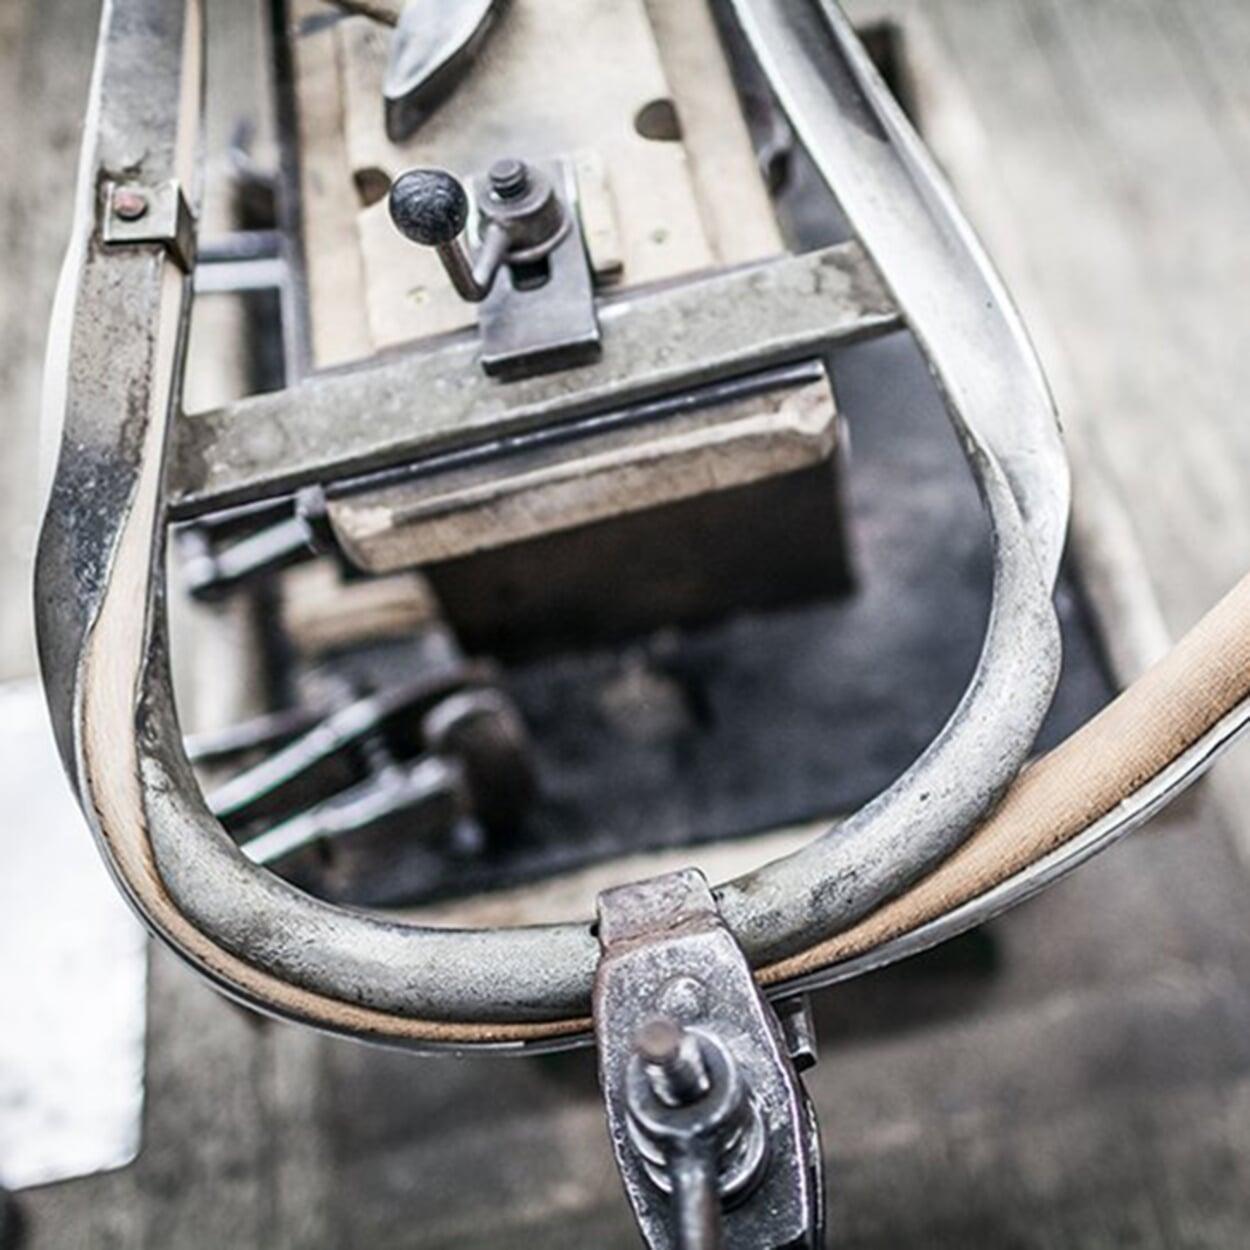 TON Bugholzmöbel Herstellung